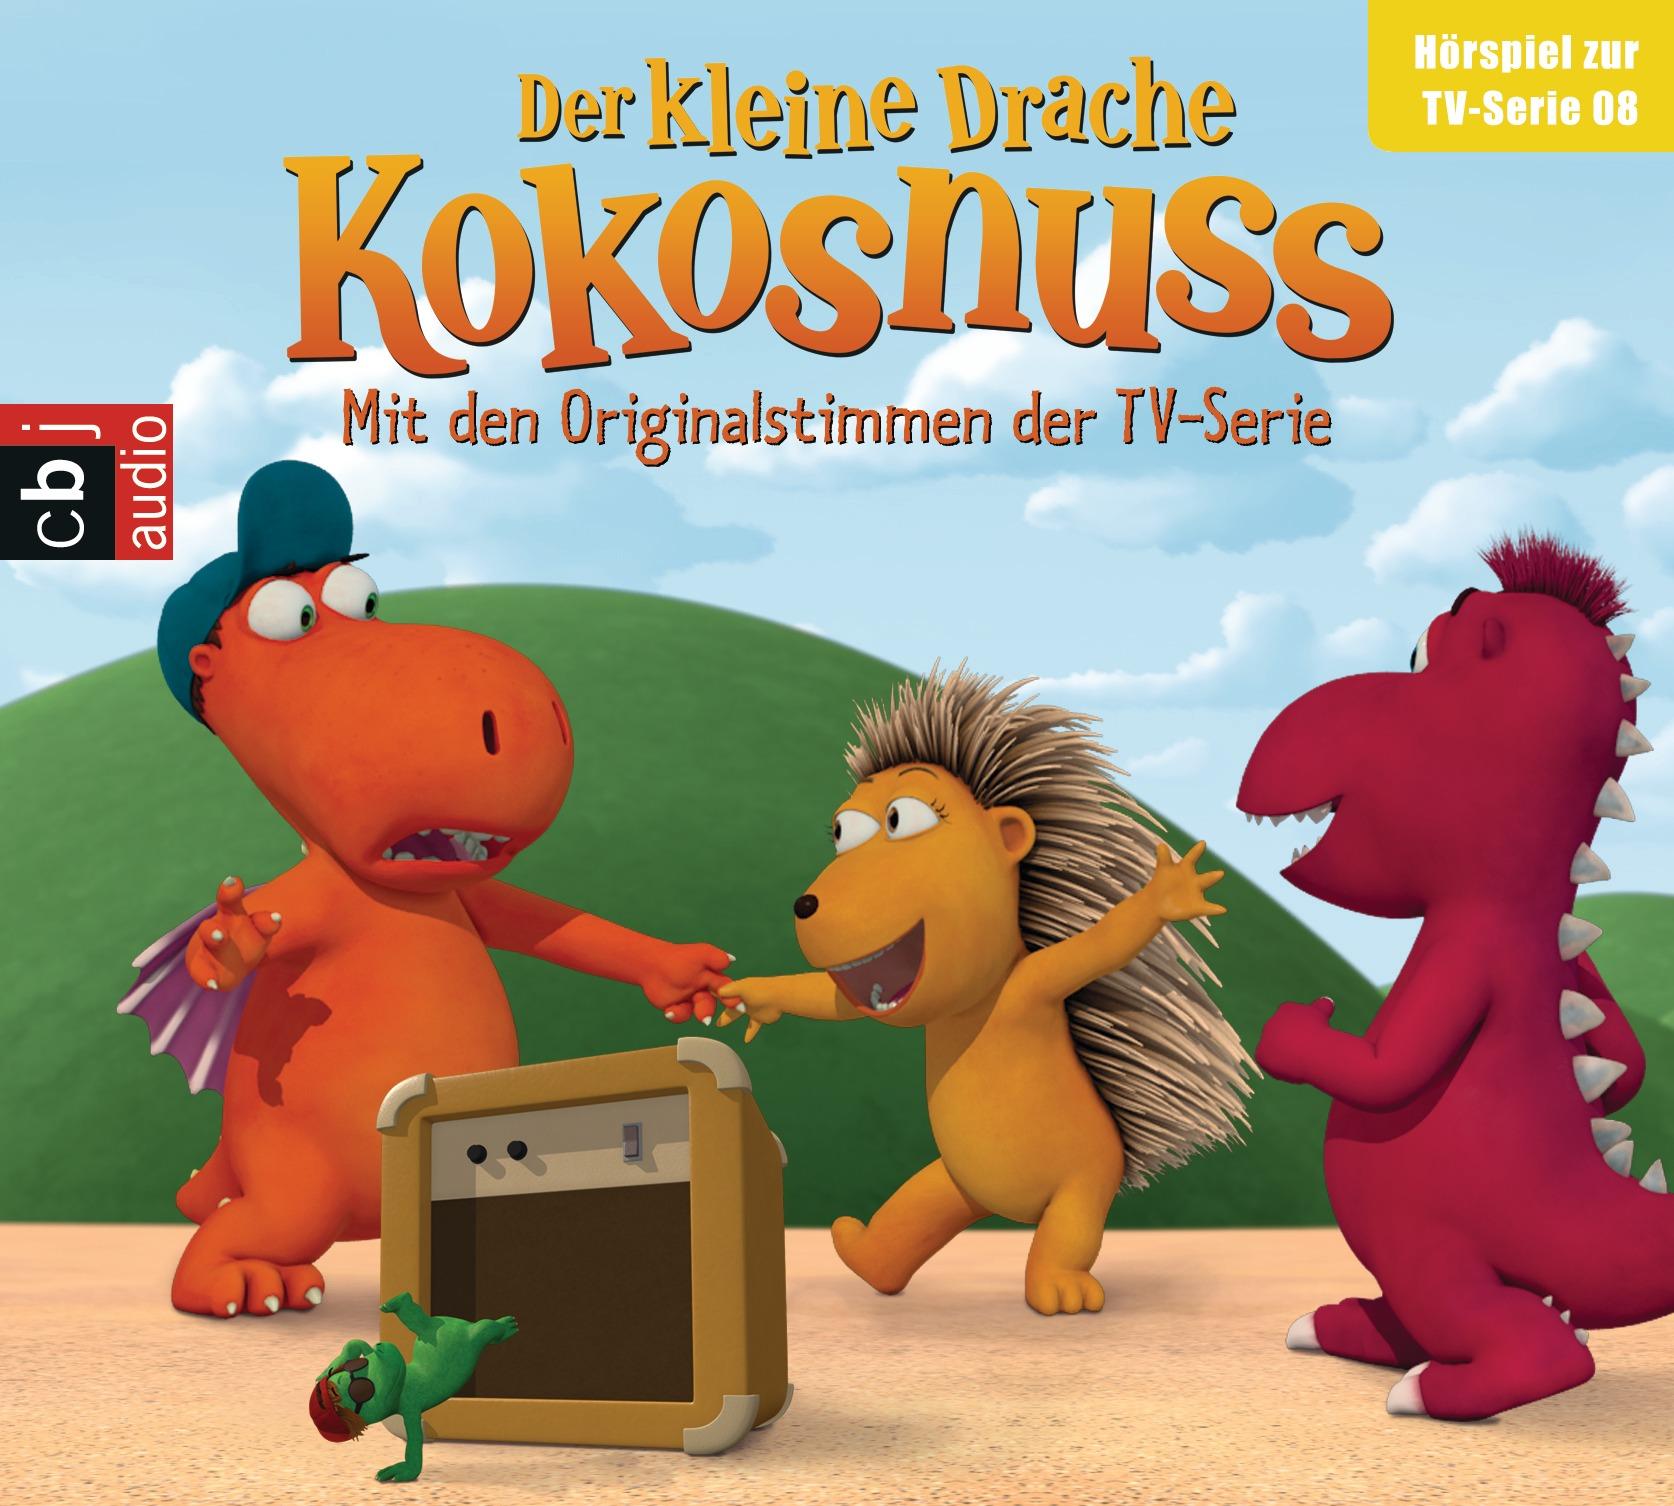 NEU Der Kleine Drache Kokosnuss 8 Ingo Siegner 128024